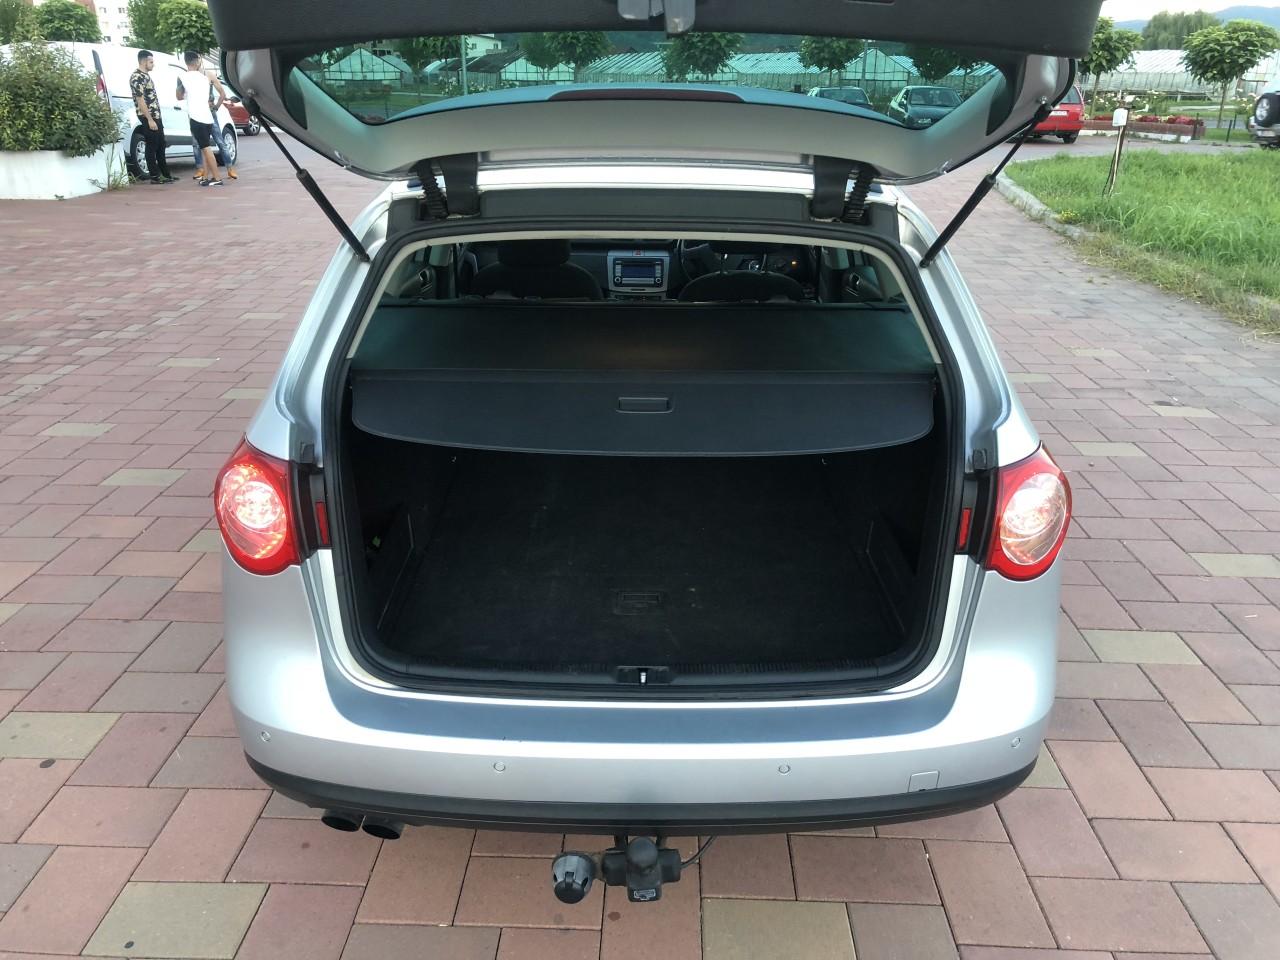 VW Passat 2.0 TFSI 2007